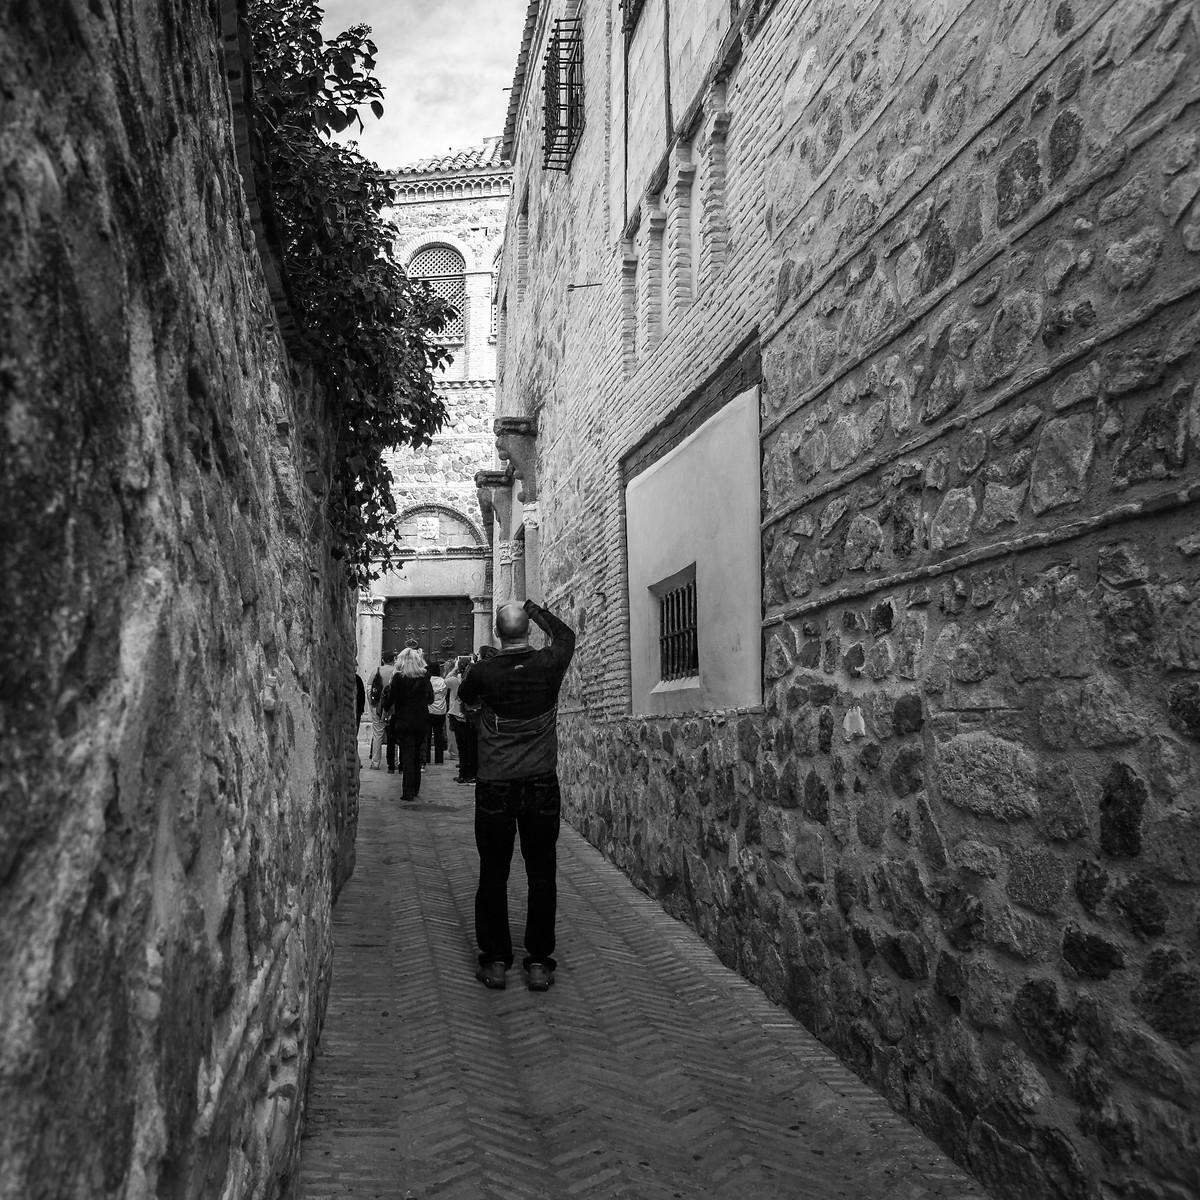 西班牙小镇,那些幽静的小石路_图1-3